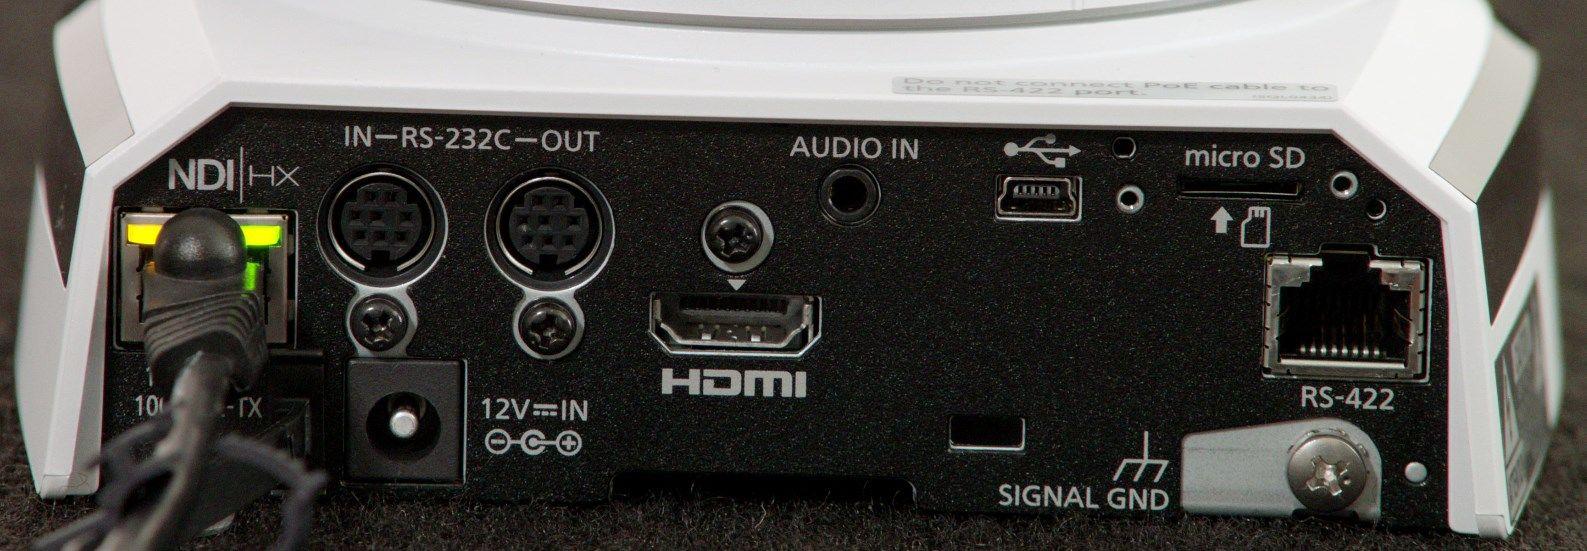 Aw Hn38h Hd Professional Ptz Camera With Ndi Hx Panasonic North Wiring Diagram Rear Input Outputs